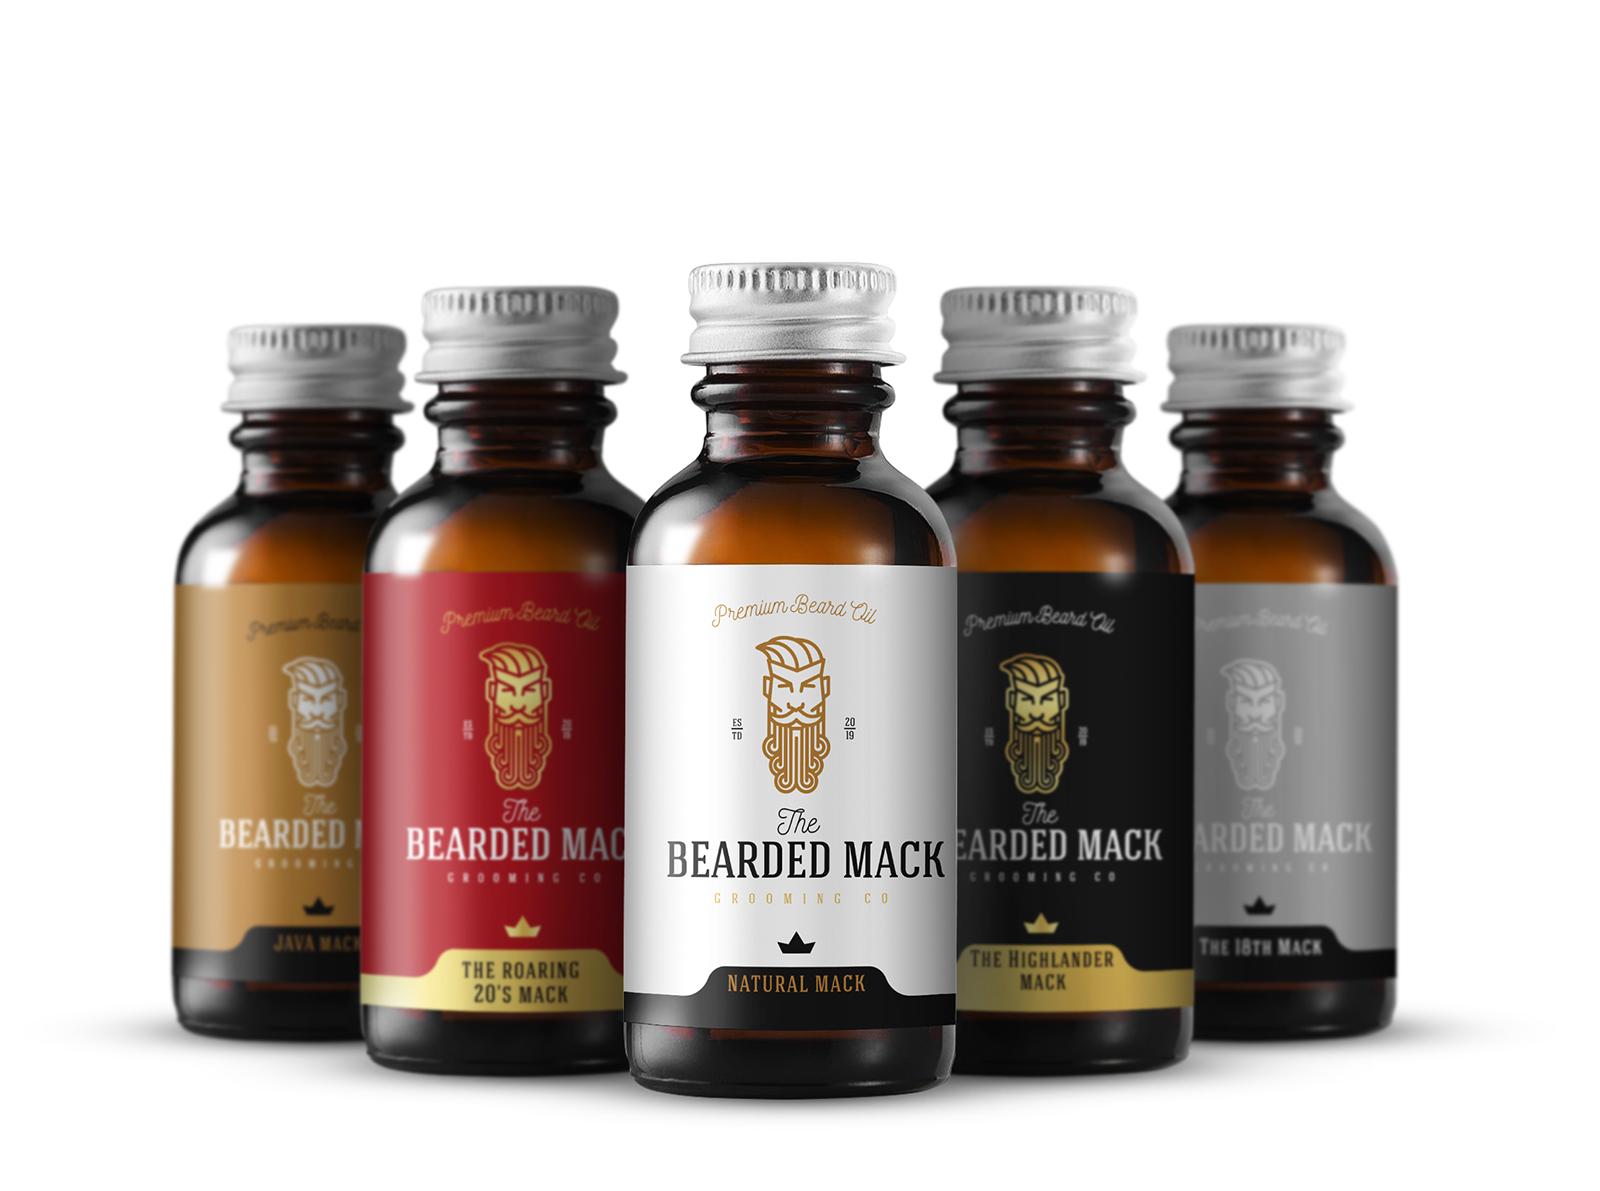 bearded mack - label design